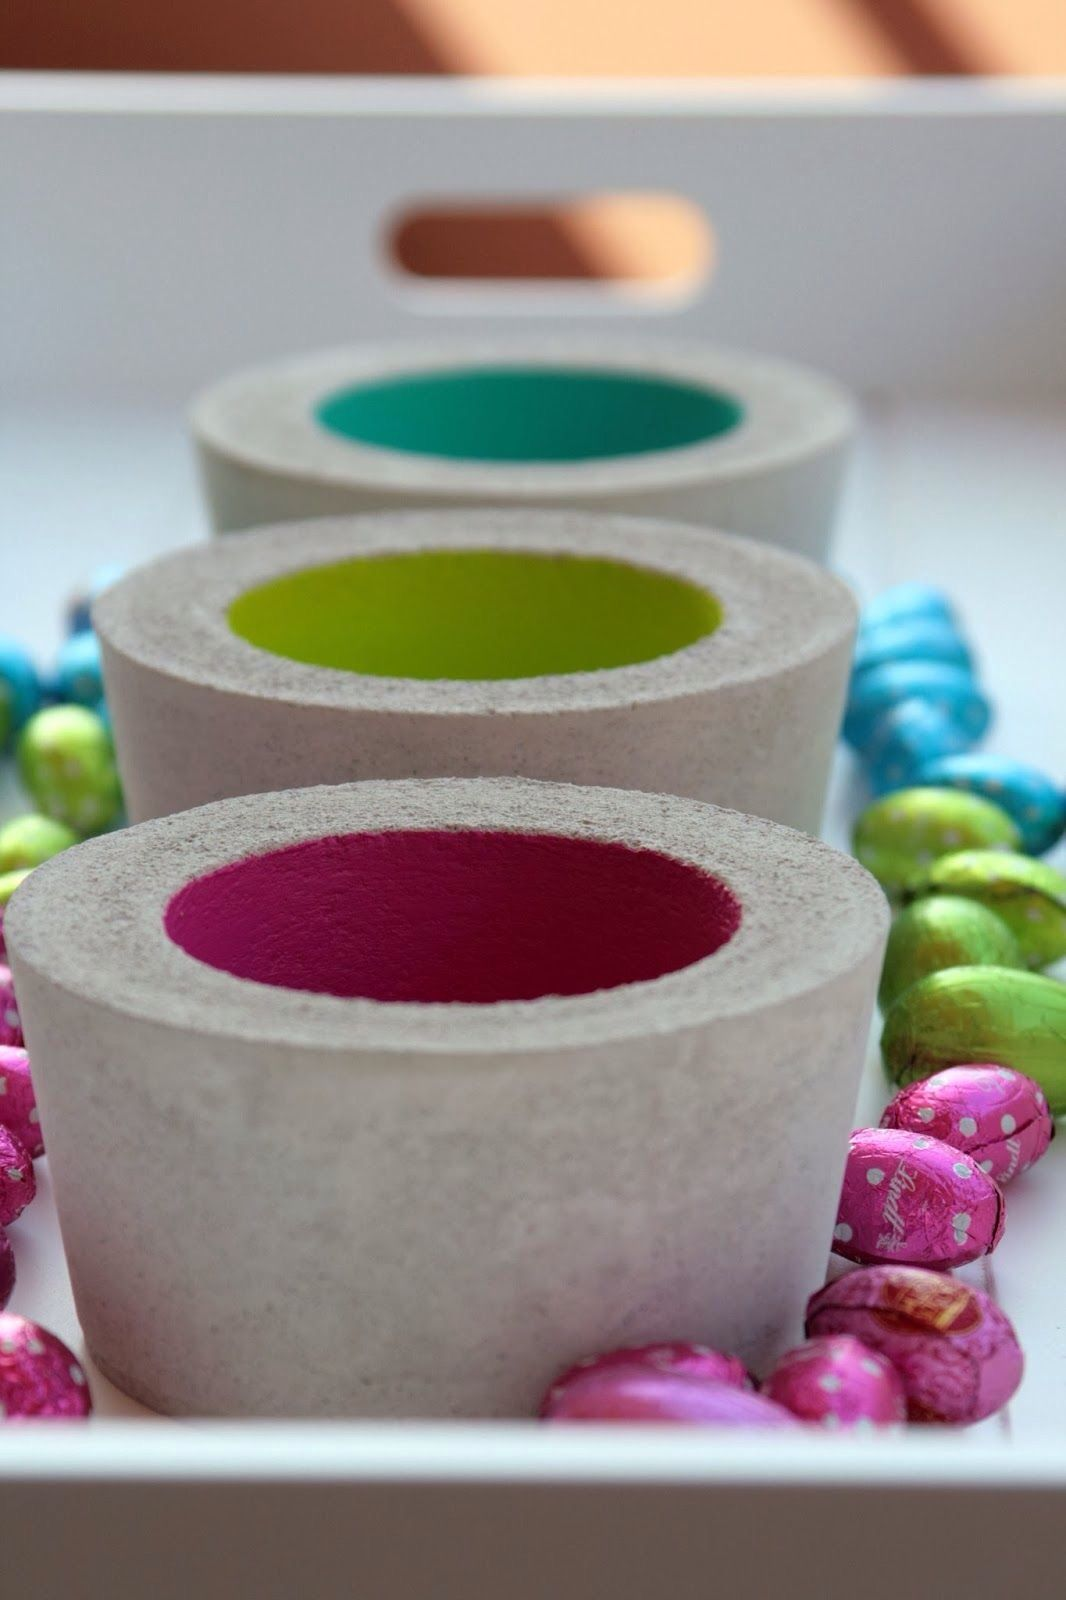 Schaaltjes in beton met vrolijke kleurtjes stuff i want to make pinterest gips moederdag - Pinterest beton ...